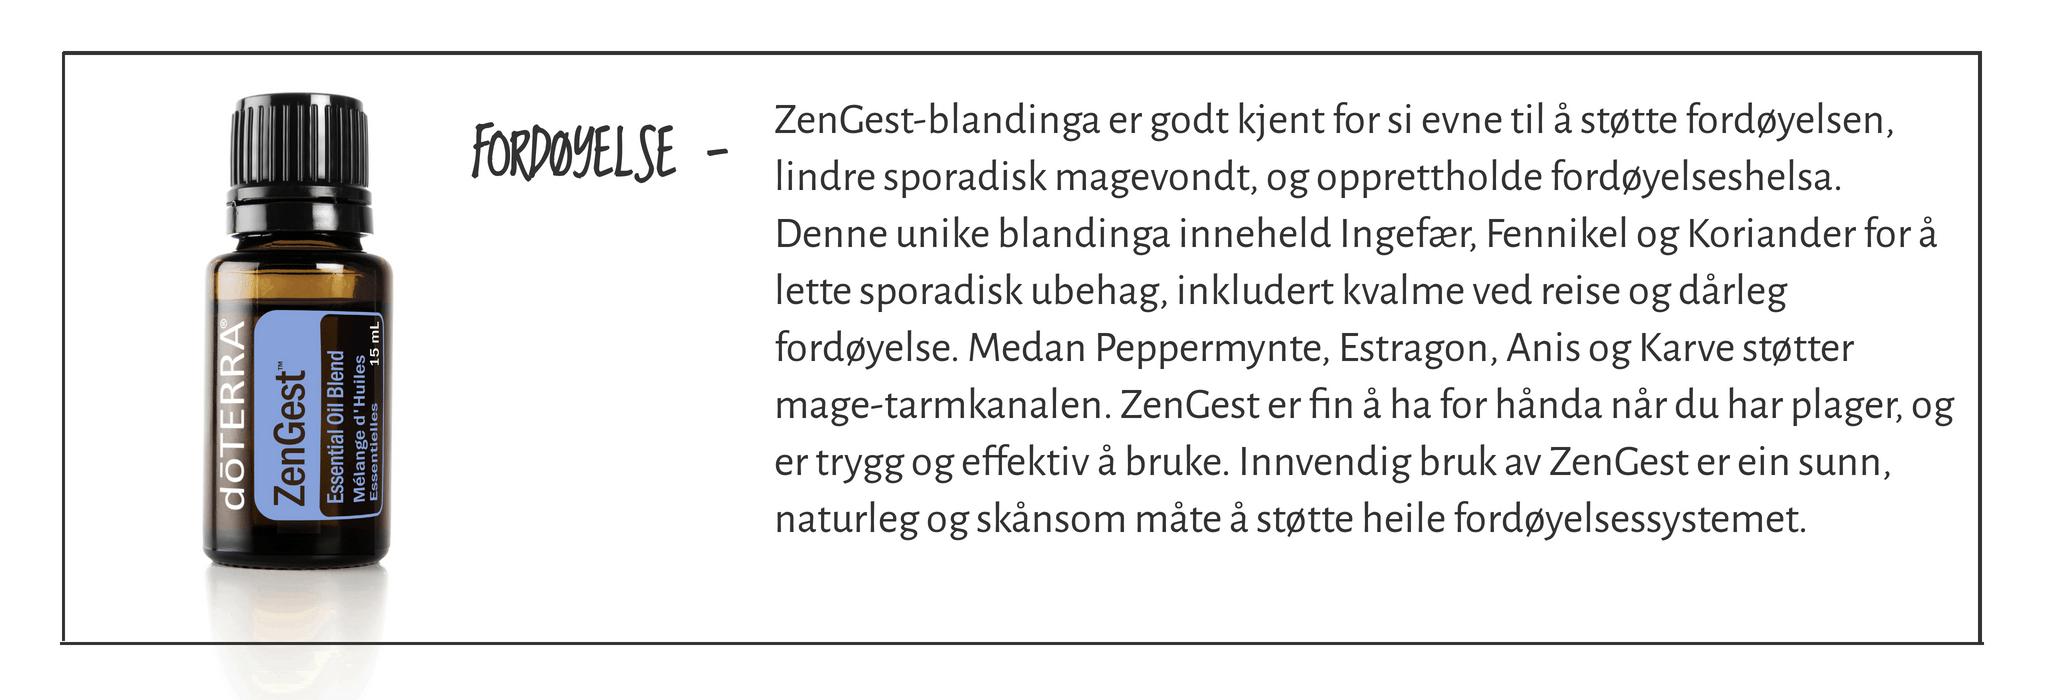 ZenGest - lp.faktaboks